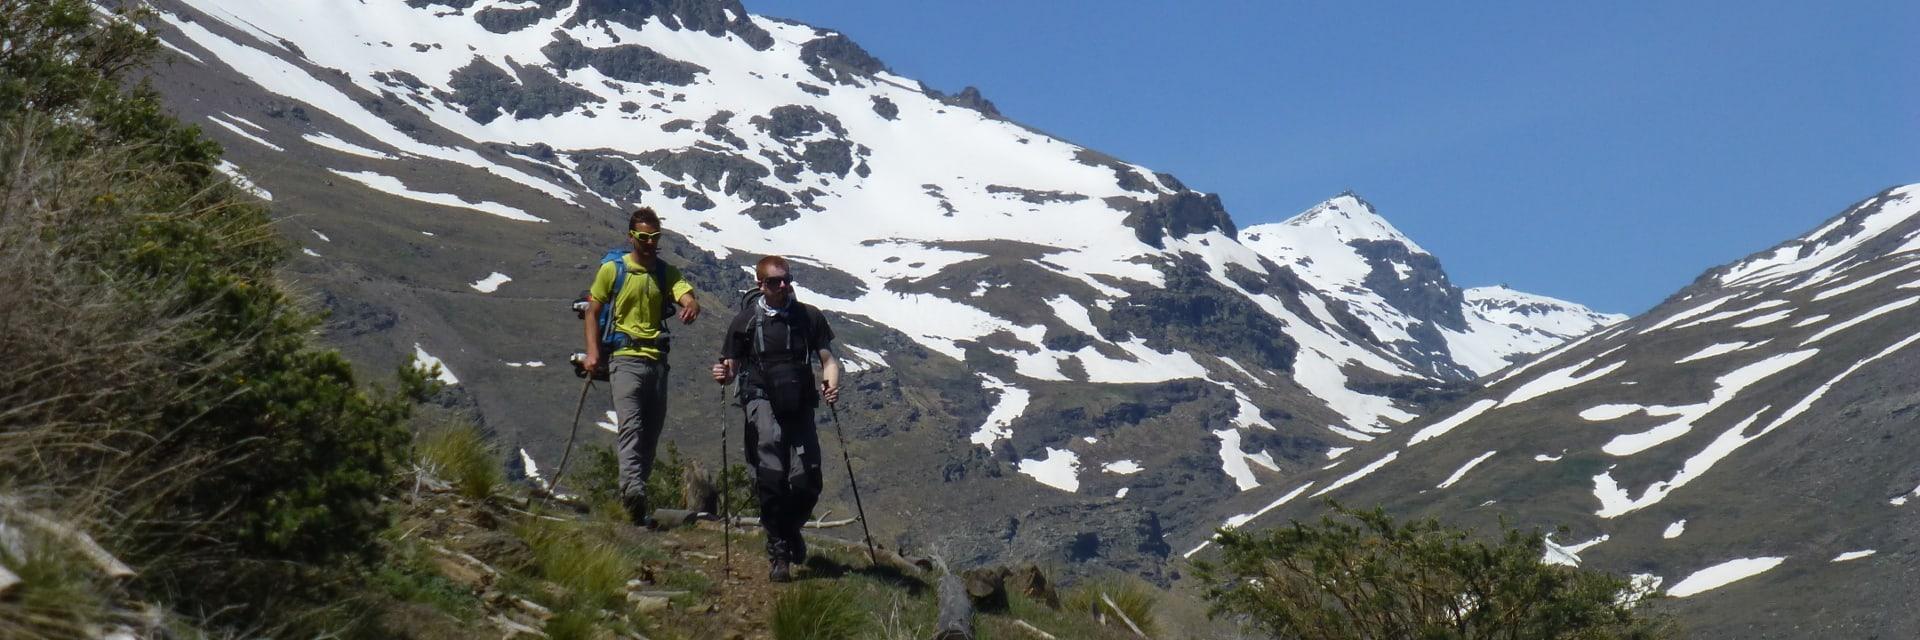 Trekking in Spains Sierra Nevada